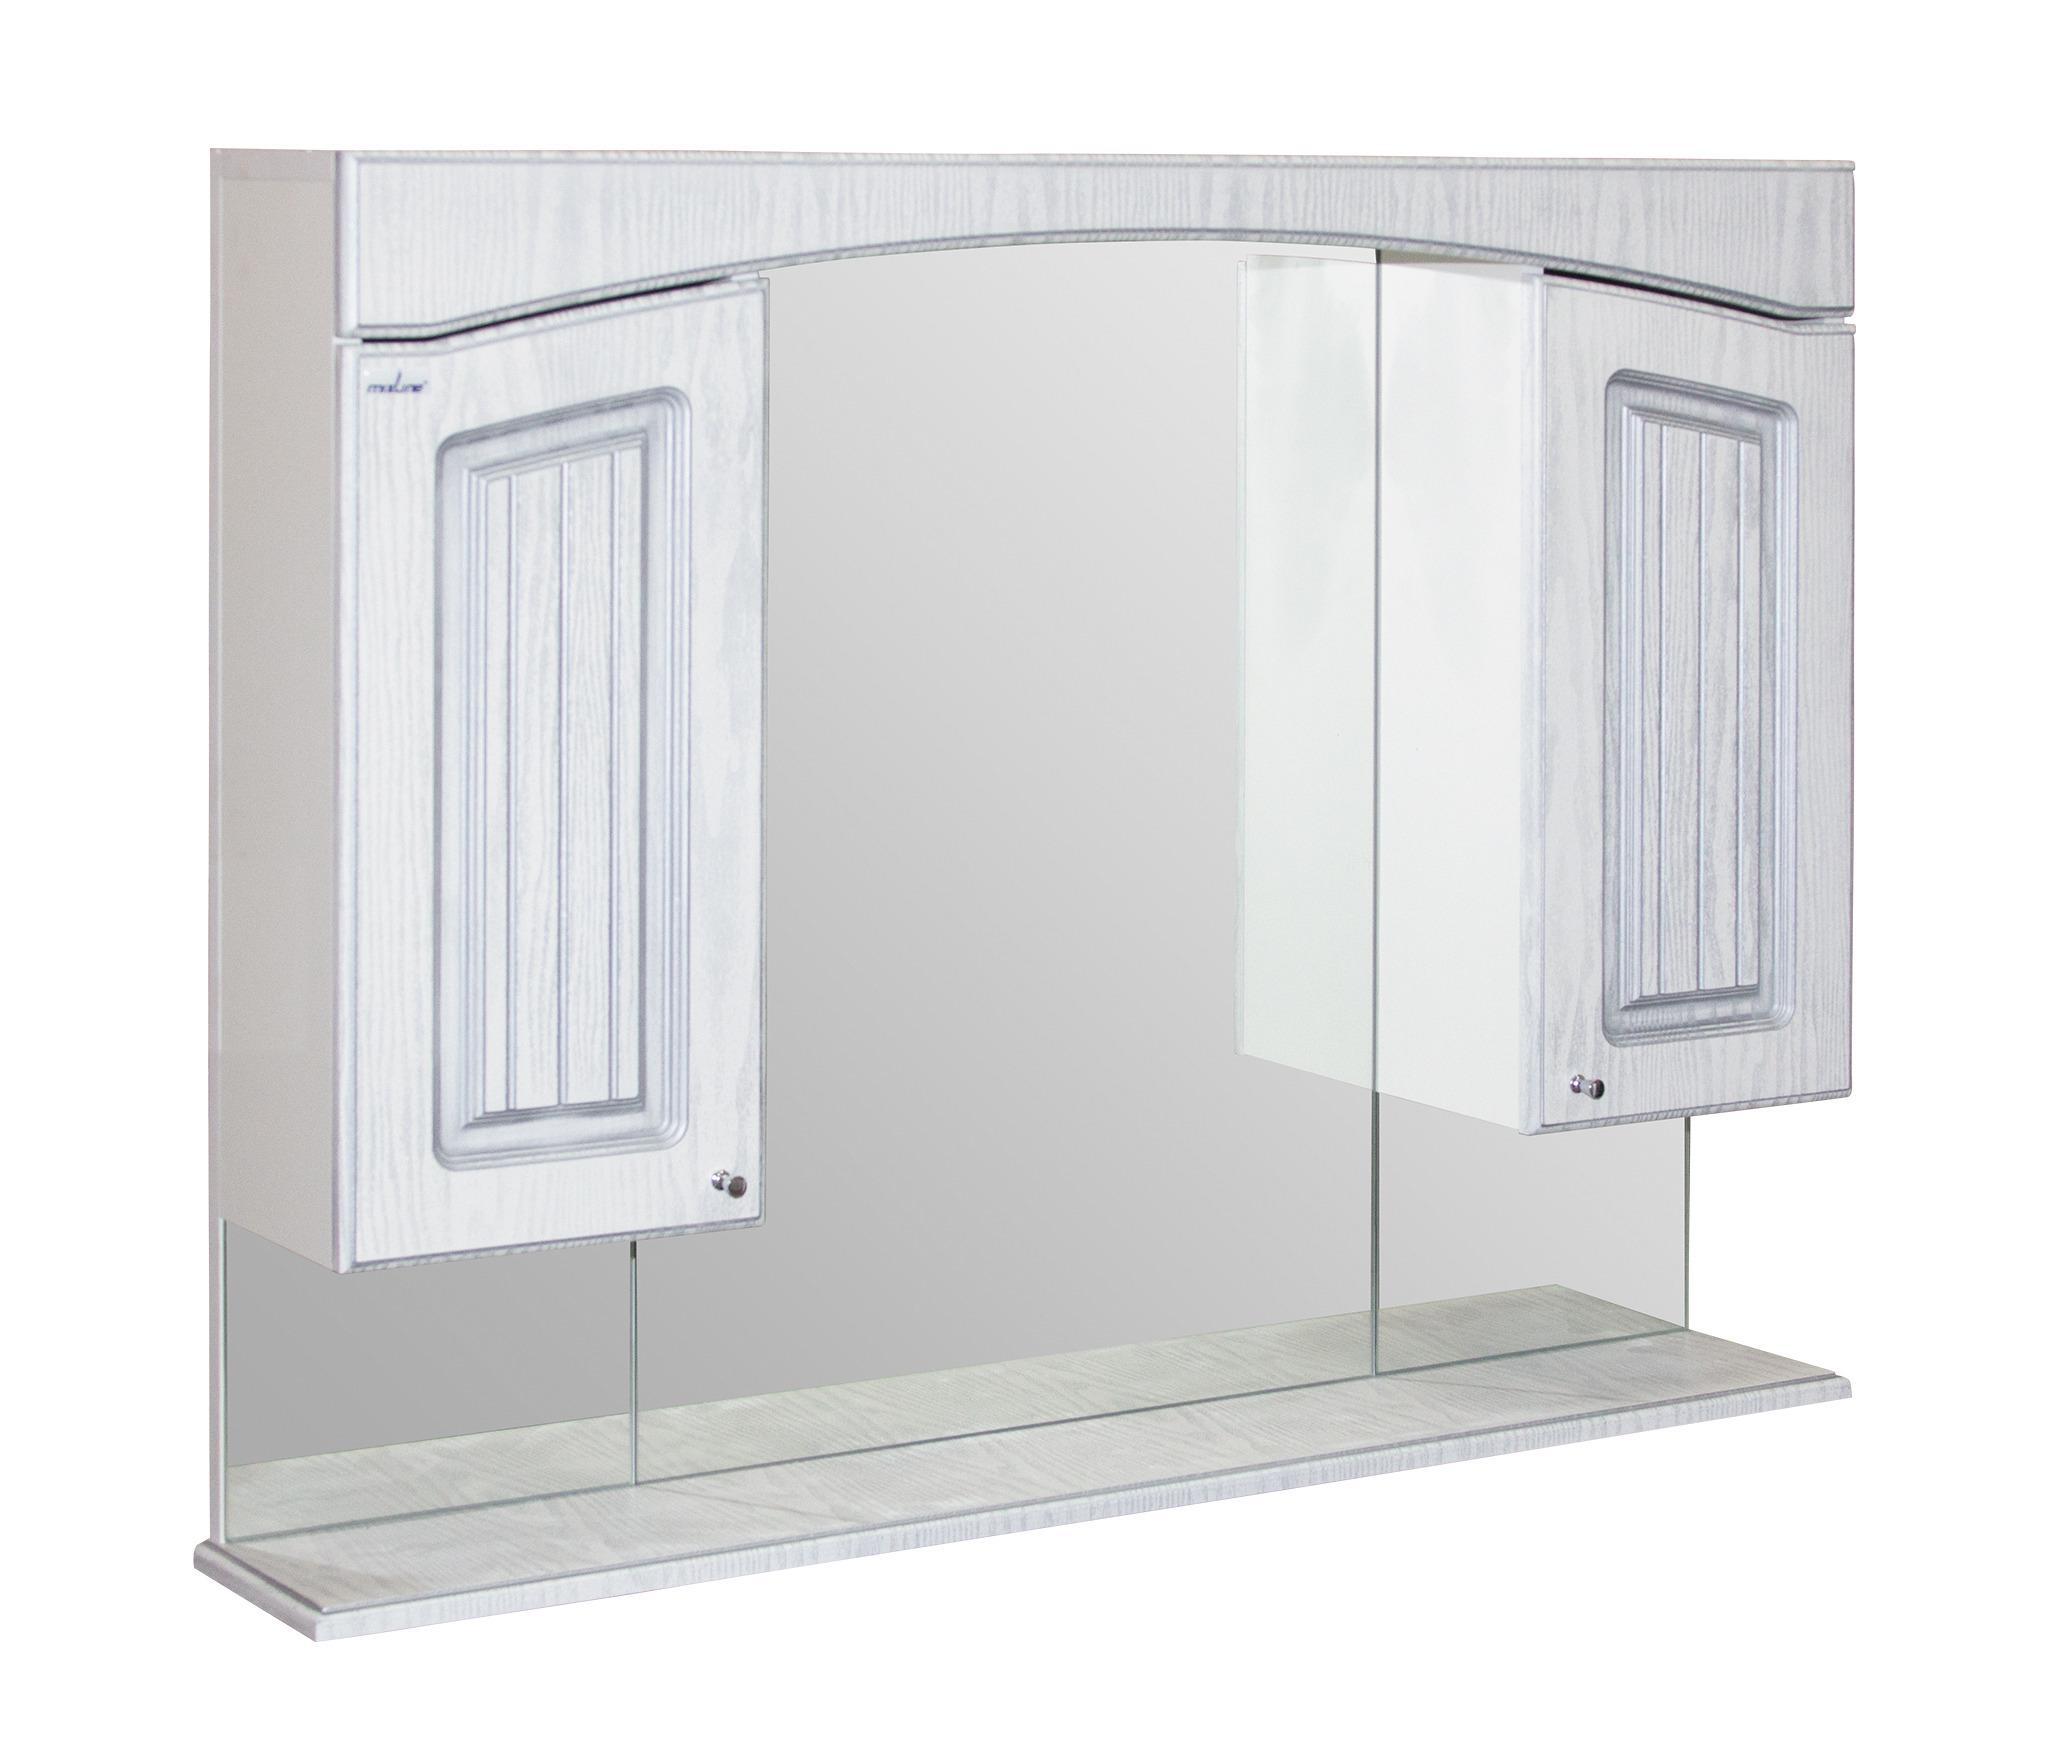 Шкаф навесной КРИТ-105 патина серебро без подсветки (ПВХ)